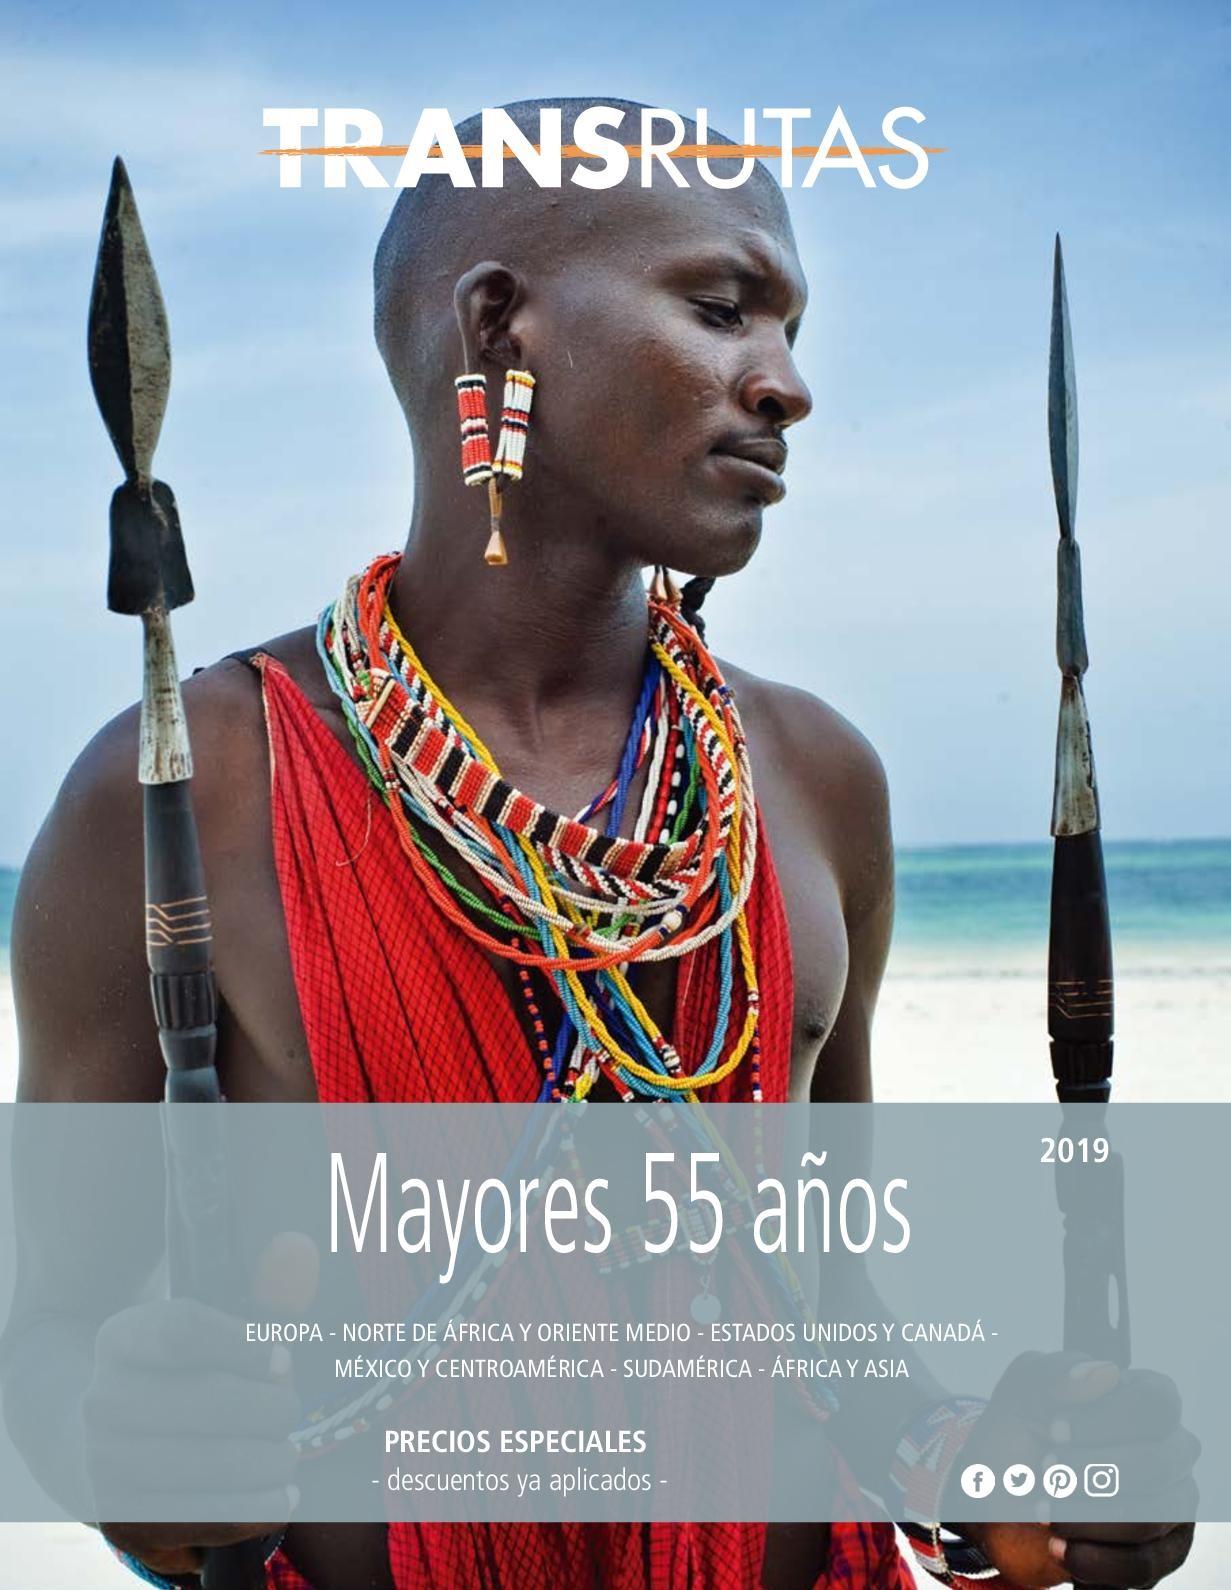 Calendario 2019 Colombia Con Festivos Y Semana Santa Guatemala Mejores Y Más Novedosos Calaméo Catálogo Mayores De 55 A±os Transrutas 2019